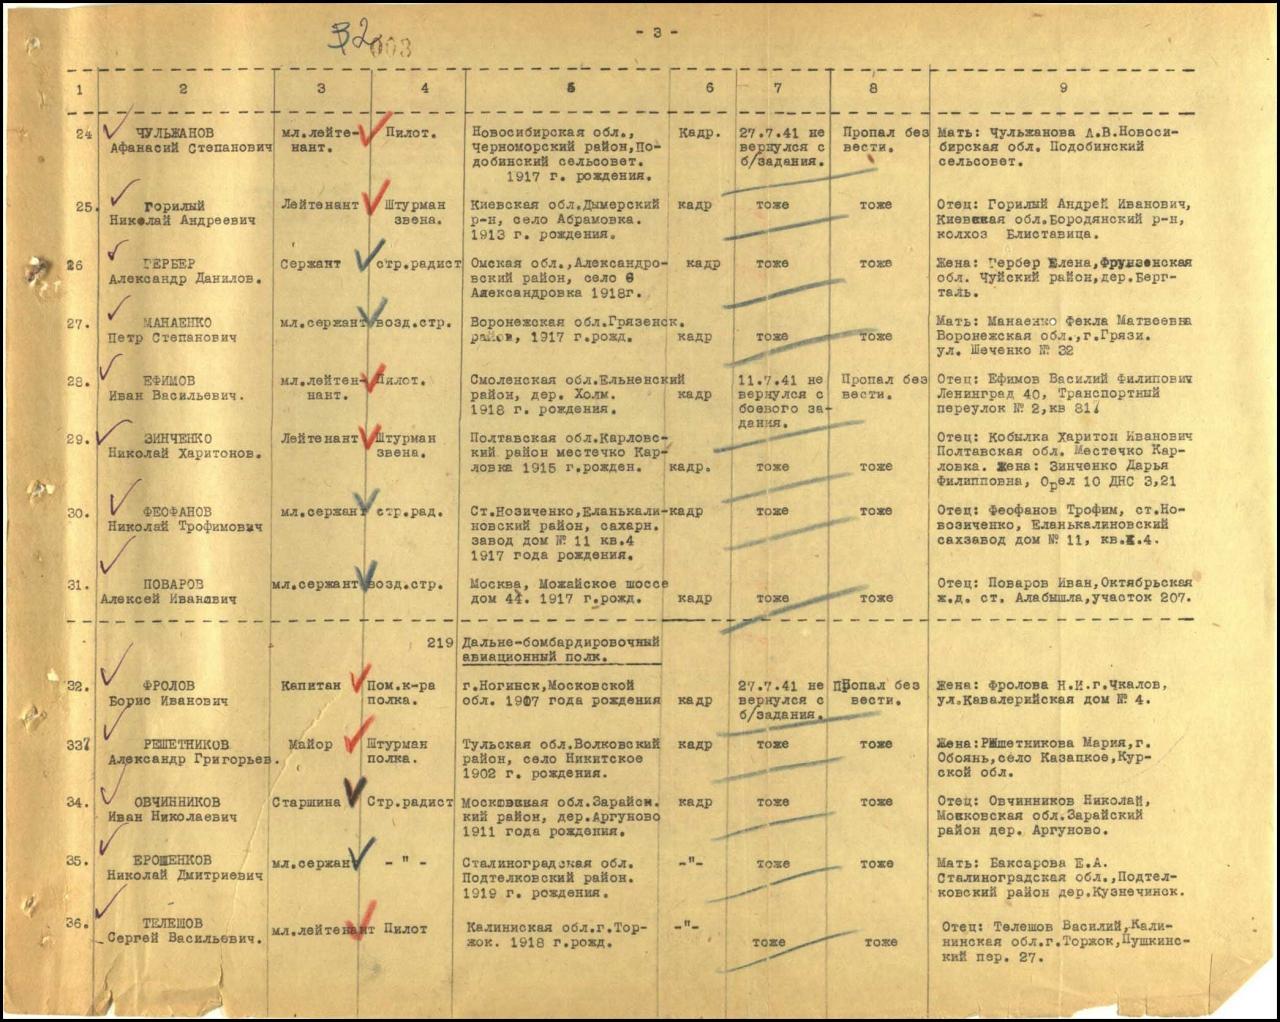 Из списка потерь 219 Дальне-бомбардировочного полка за 1941 год.